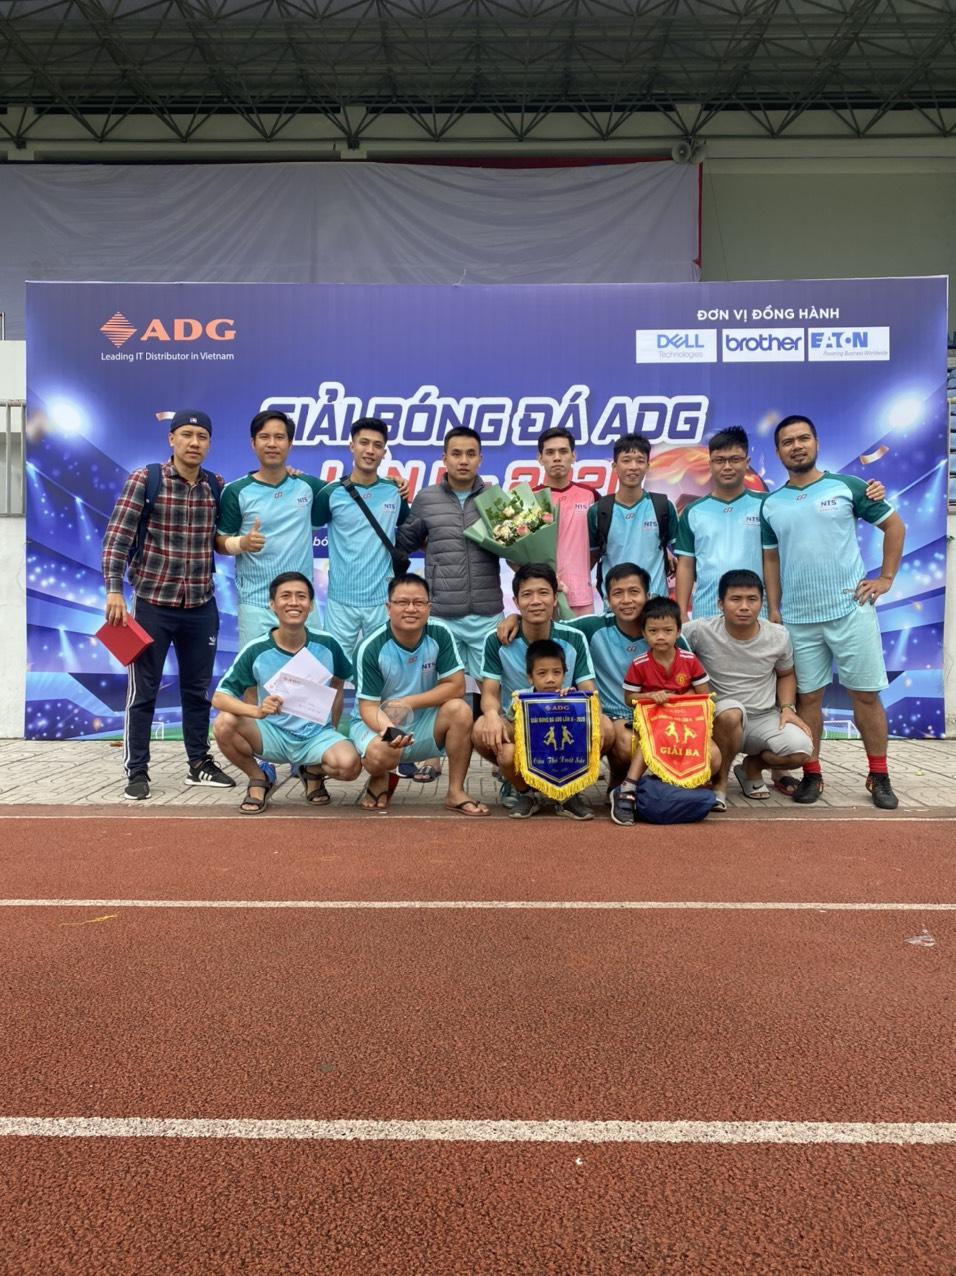 Nam Trường Sơn Hà Nội tham gia giải bóng đá ADG lần II – năm 2020